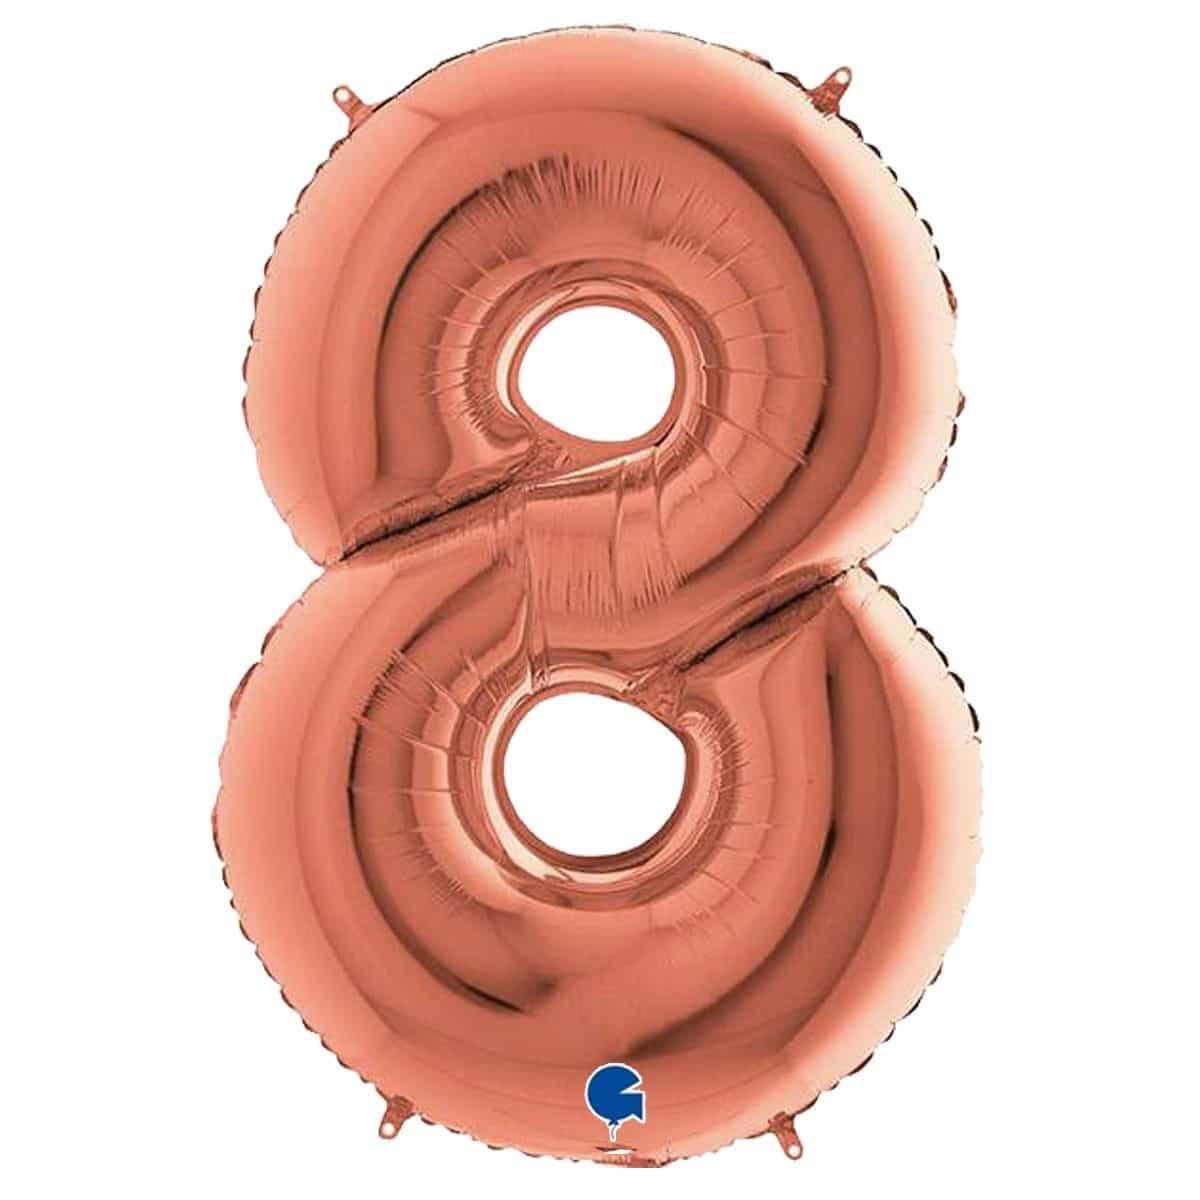 τεράστιο μπαλόνι 100 εκ ροζ χρυσό αριθμός 8